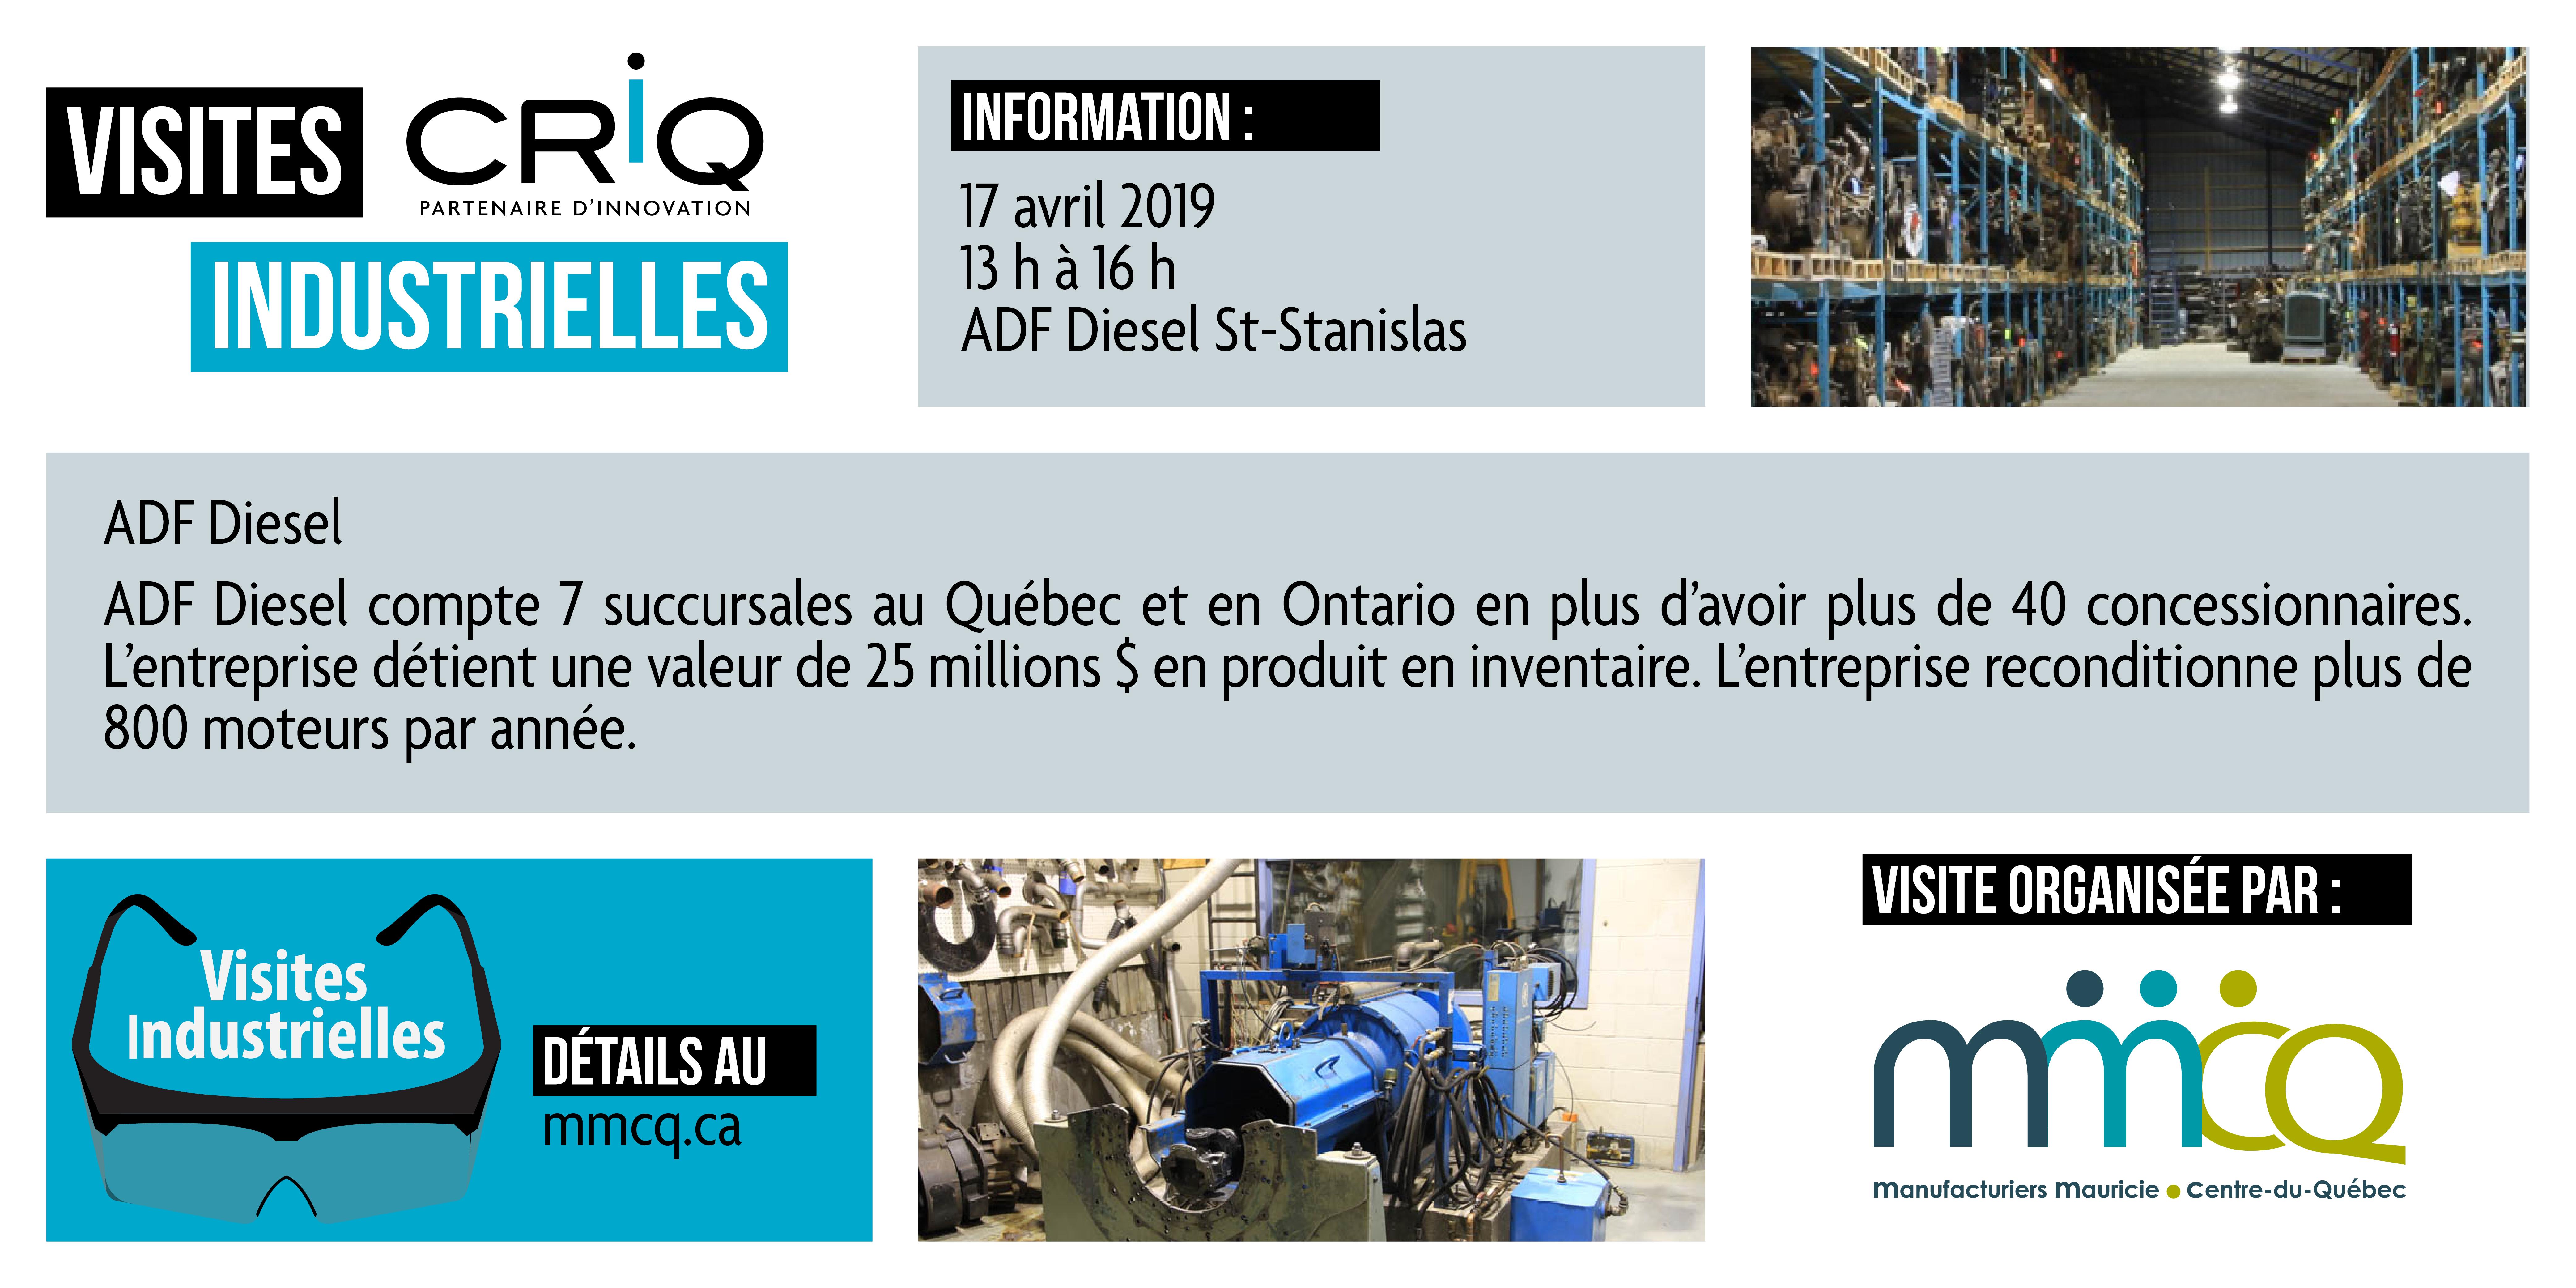 Visite industrielle CRIQ ADF Diesel